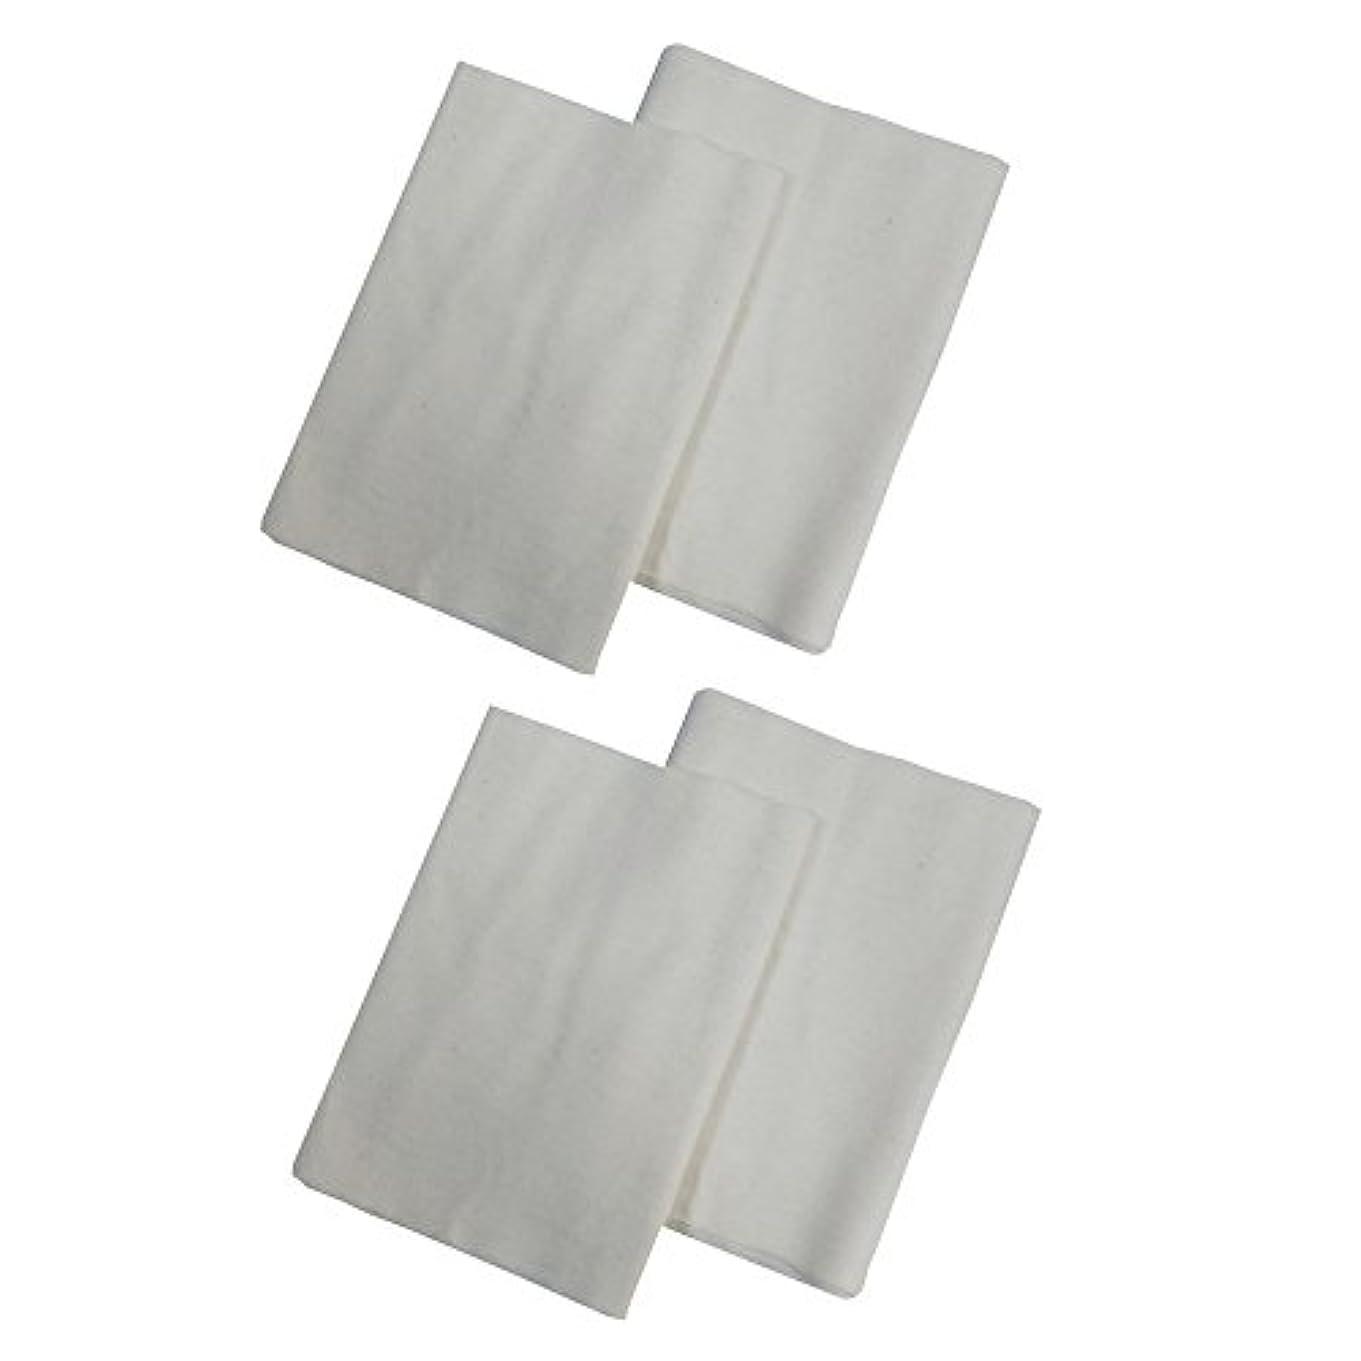 ハードウェア気分が良い有害コットンフランネル4枚組(ヒマシ油用) 無添加 無漂白 平織 両面起毛フランネル生成 (4)